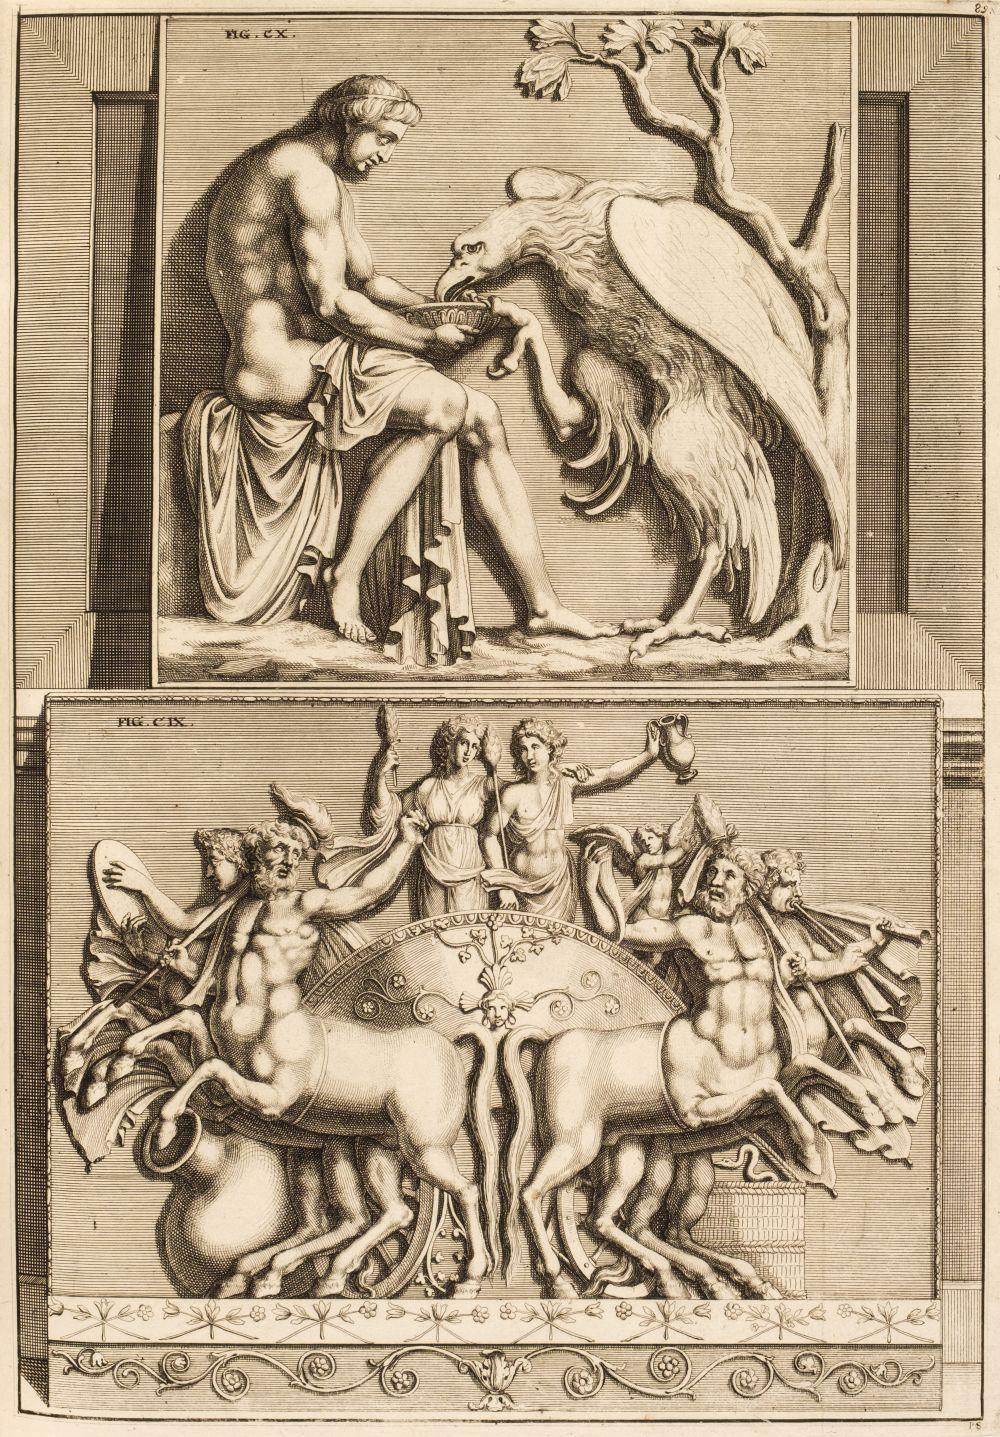 Gronovius (Jacobus). Thesaurus Graecarum Antiquitatum, 13 volumes 1697-1702 - Image 2 of 2